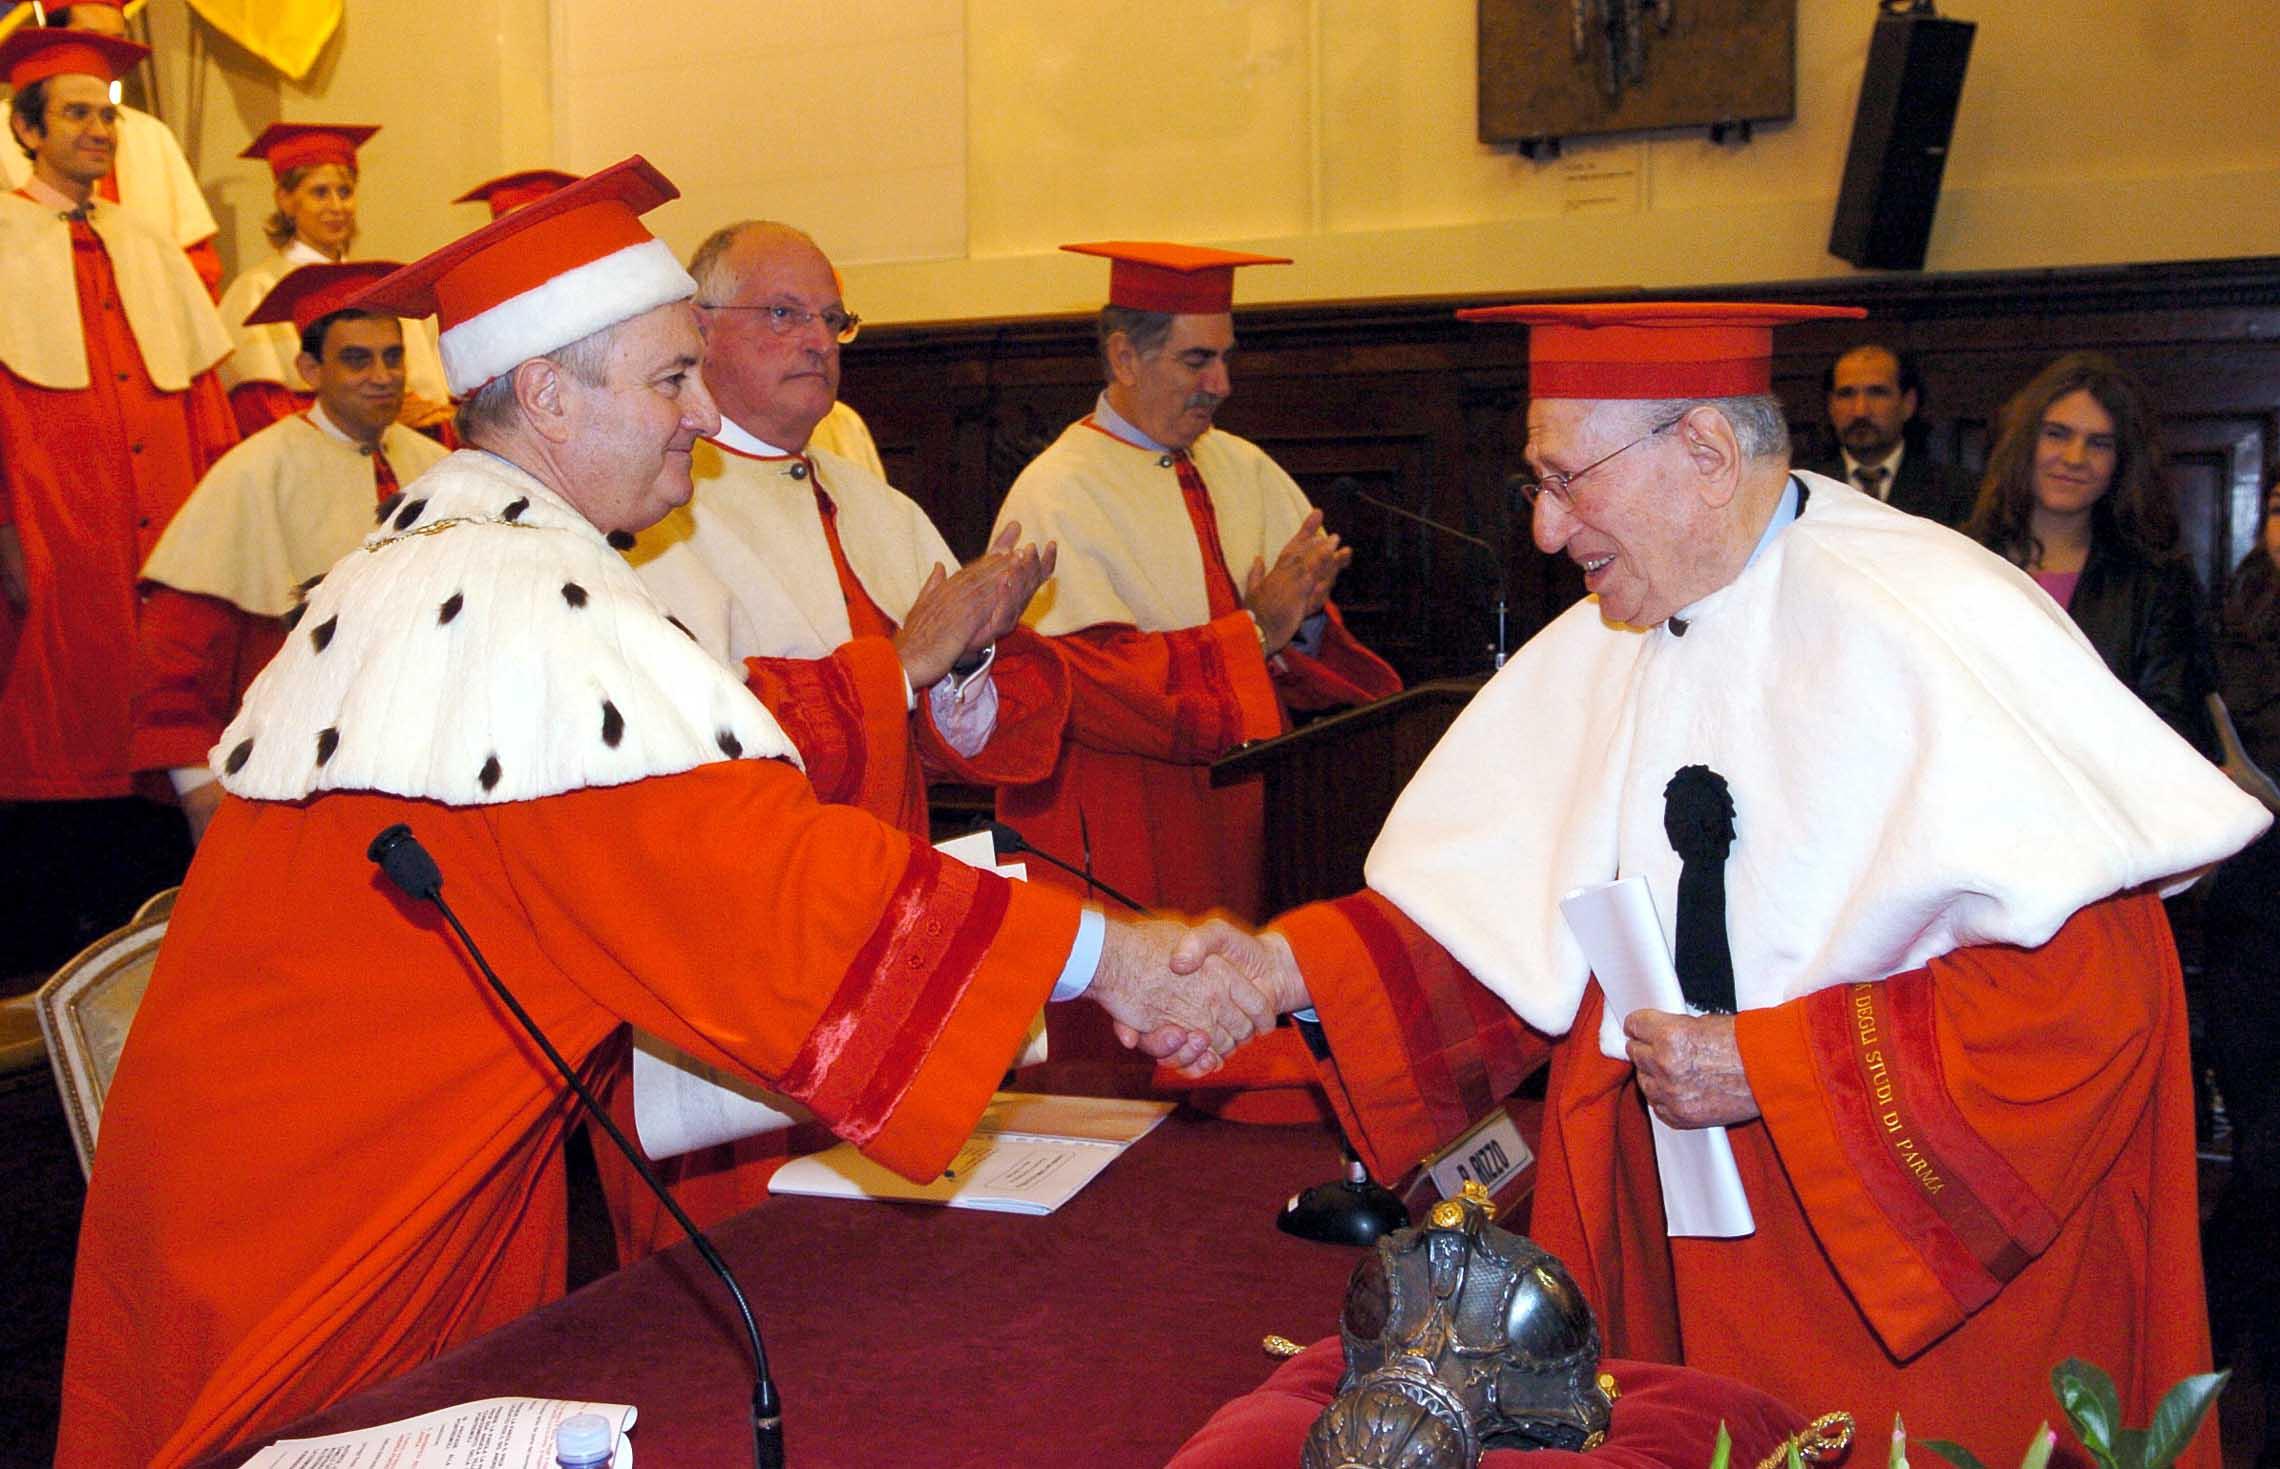 """Il Rettore magnifico dell'Università di Parma, Gino Ferretti, consegna la Laurea """"Honoris Causa"""" in ingegneria meccanica a Camillo Catelli il 12 ottobre 2004."""